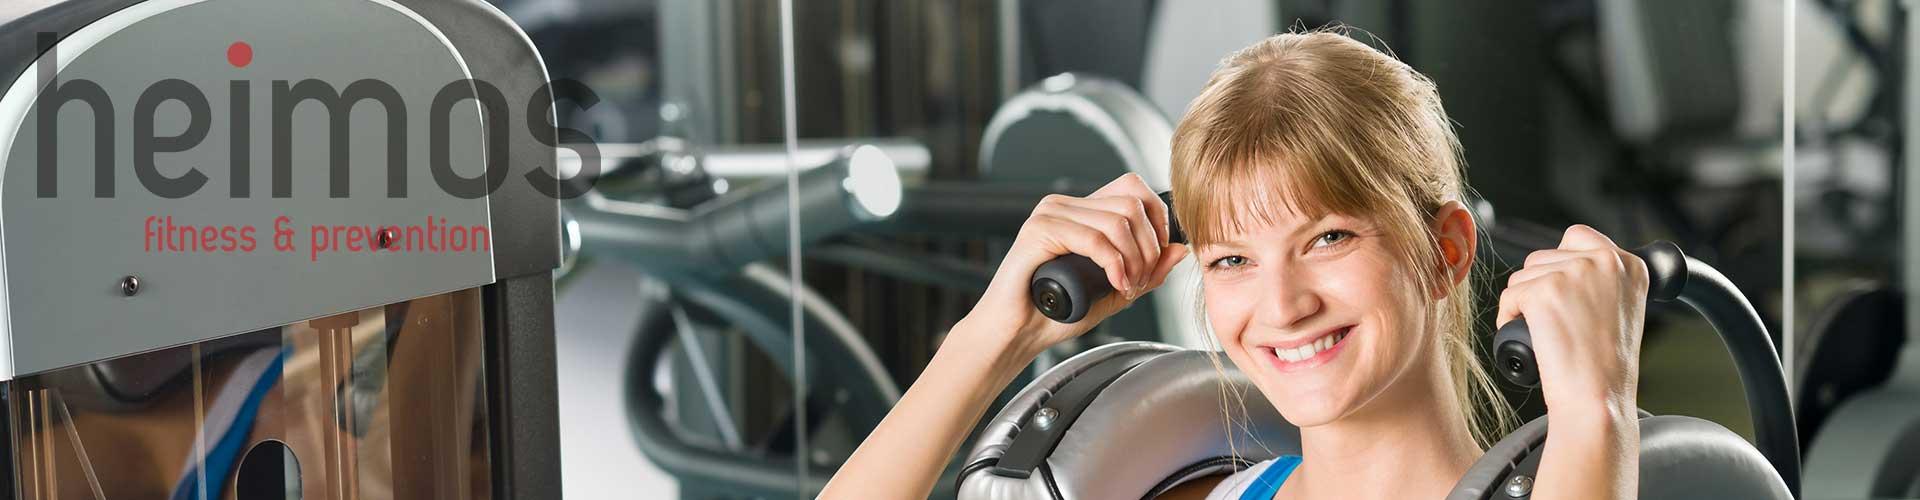 Karriere bei heimos fitness und prevention